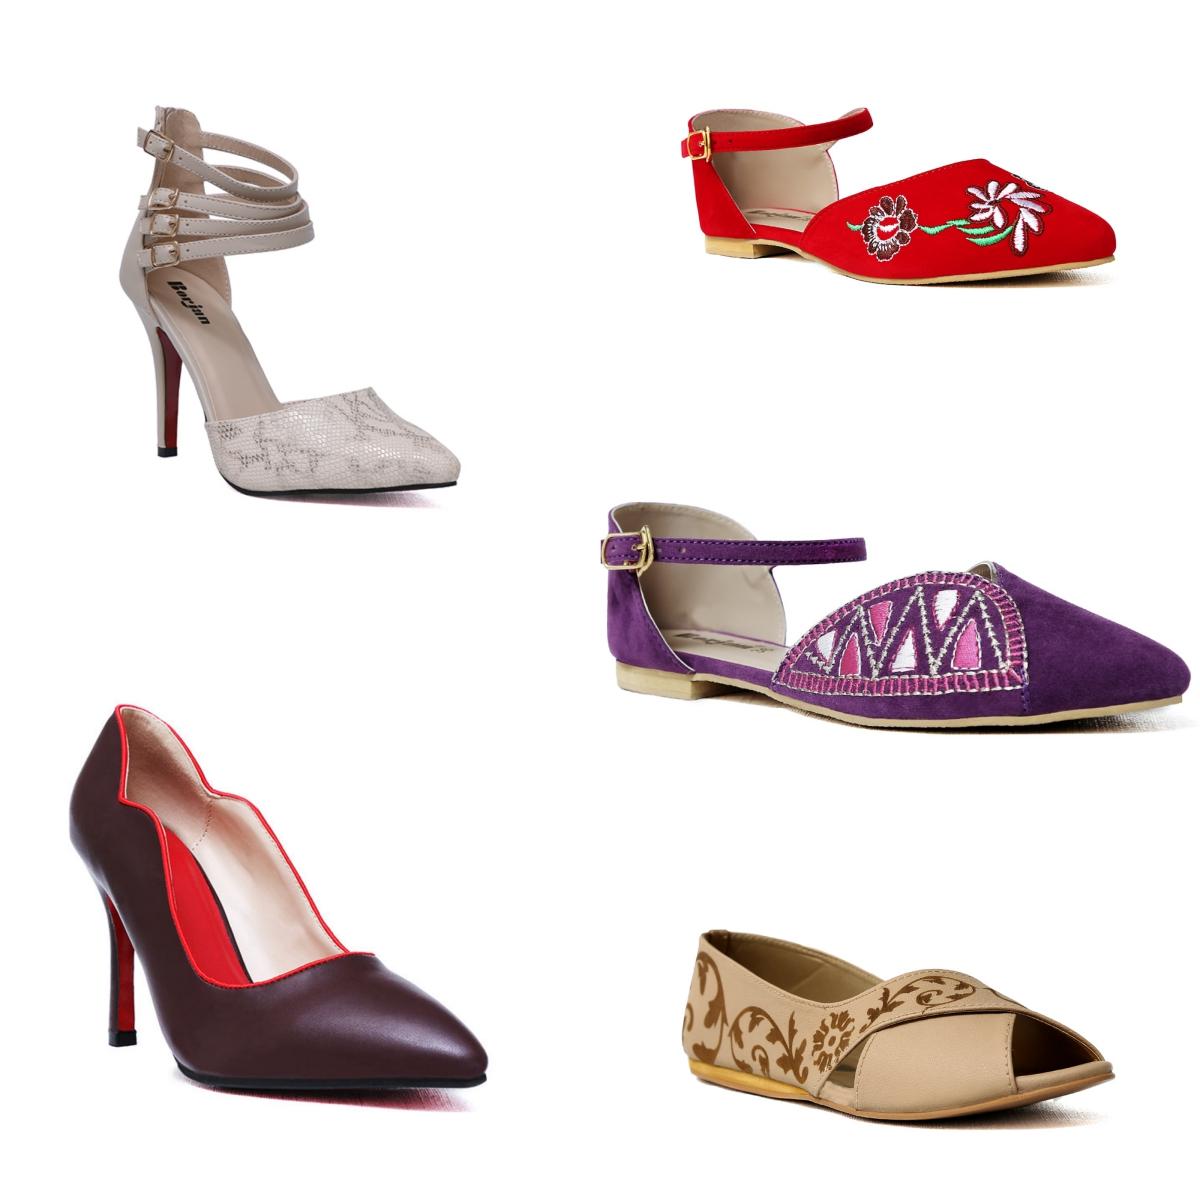 Trendy new Borjan ladies shoes for eid photos